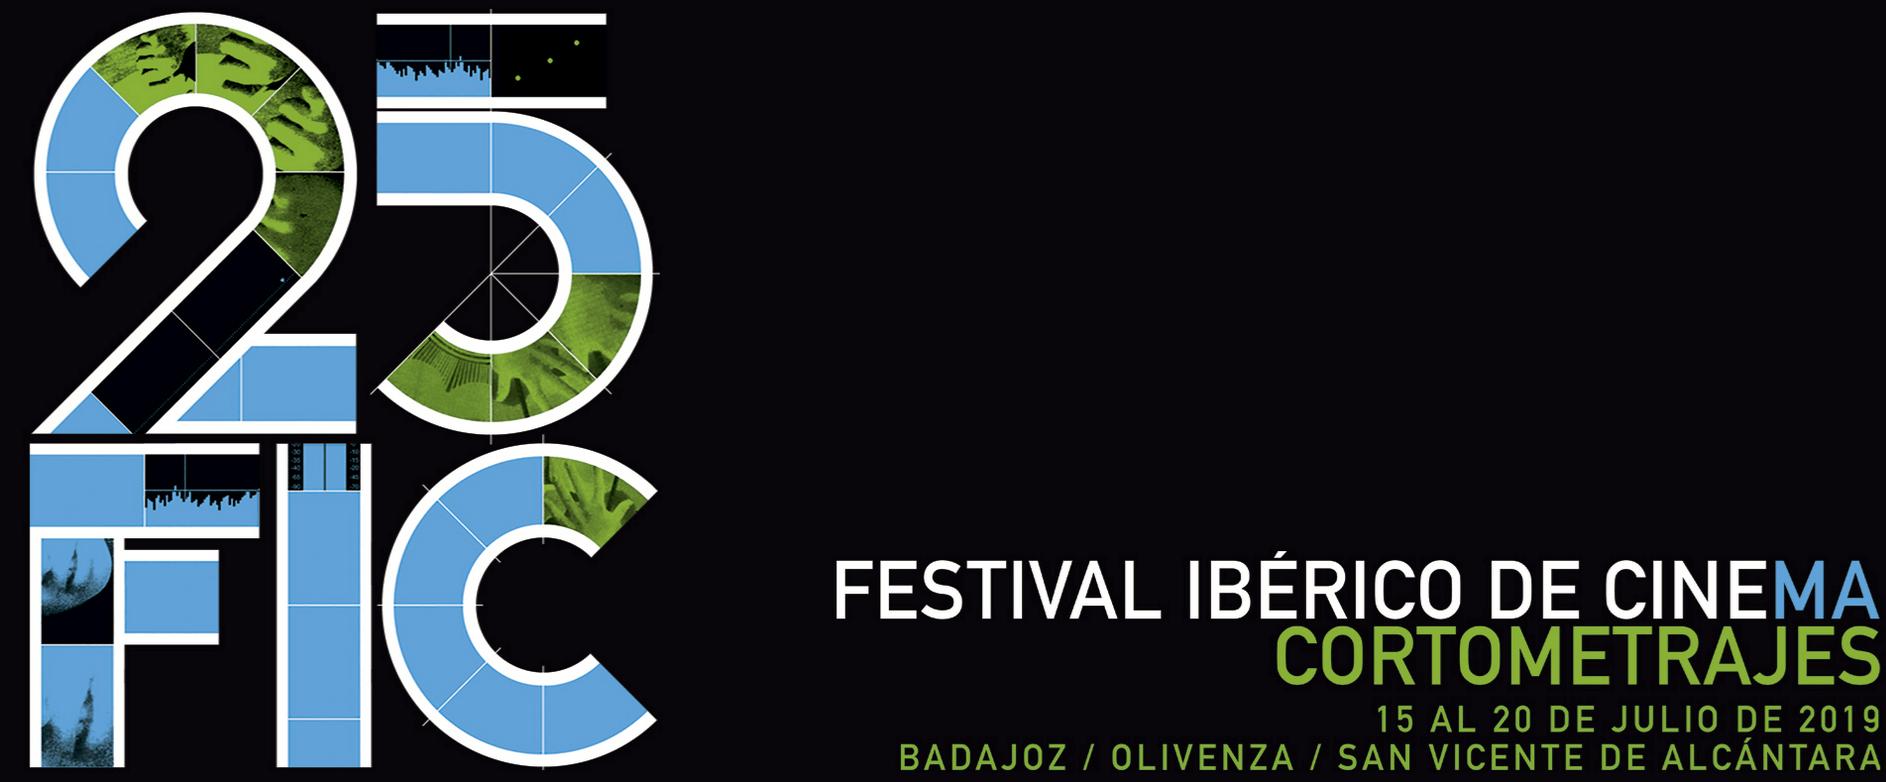 El Festival Ibérico de Cine cumple 25 años, más abierto, participativo e inclusivo